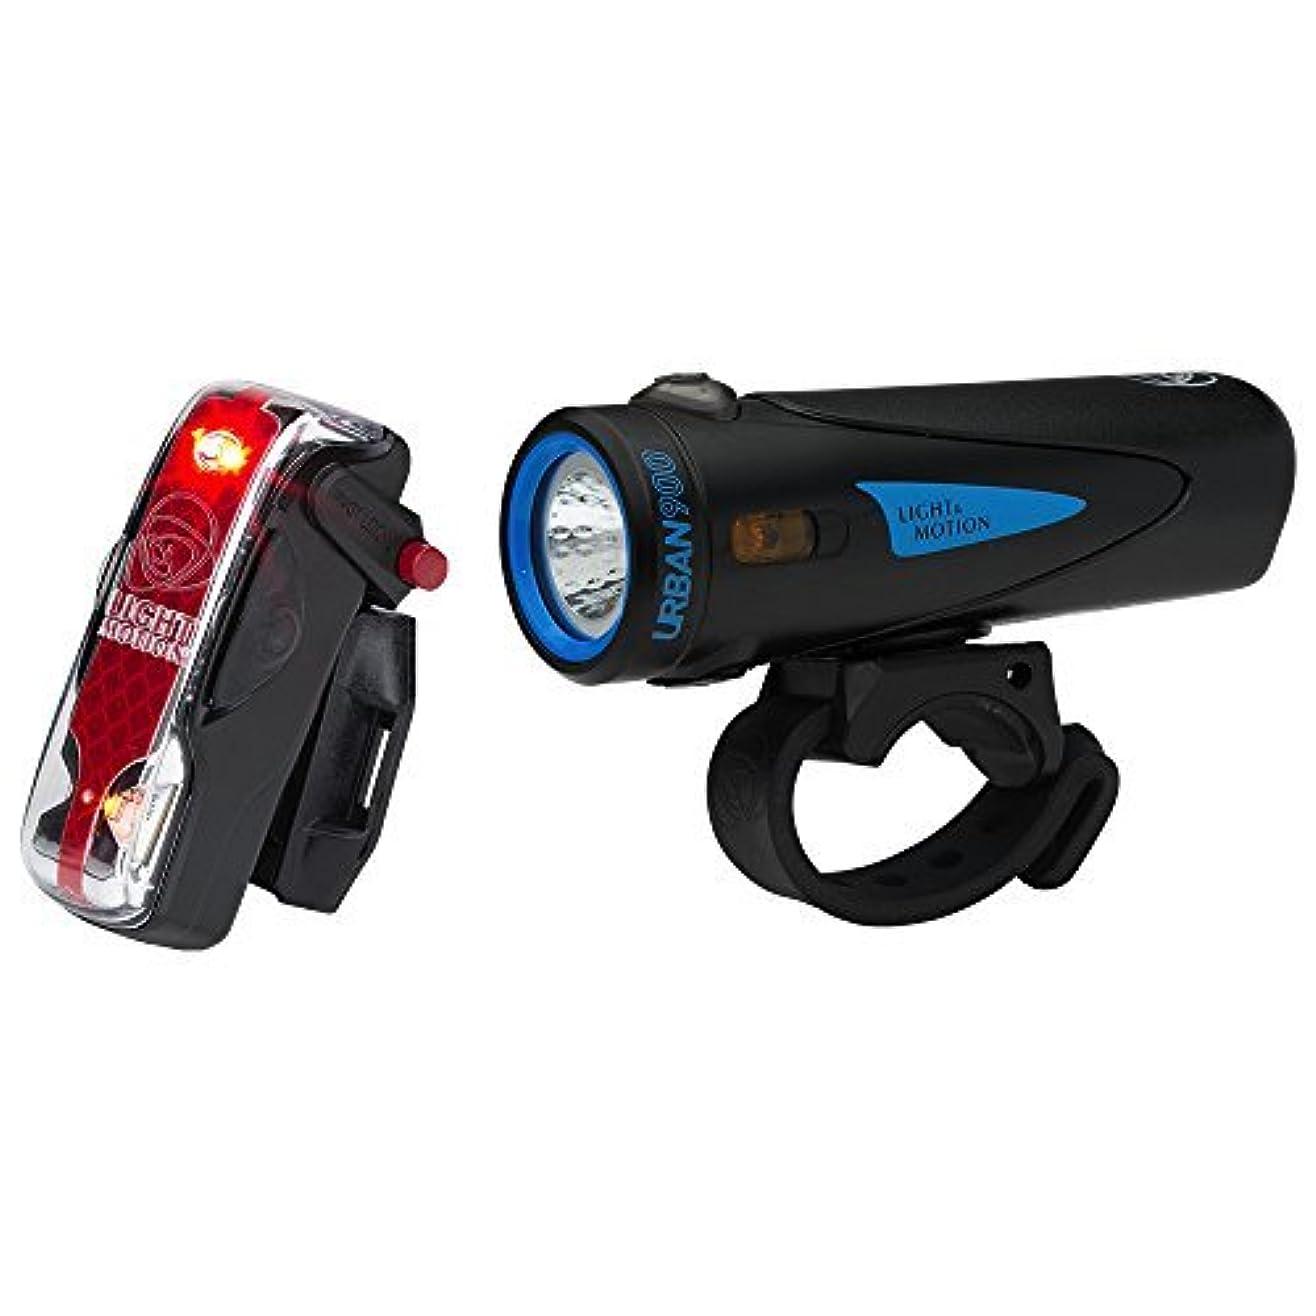 後世みなす申請中Light & Motion Urban 900 Commuter Combo Bike Light Kit [並行輸入品]